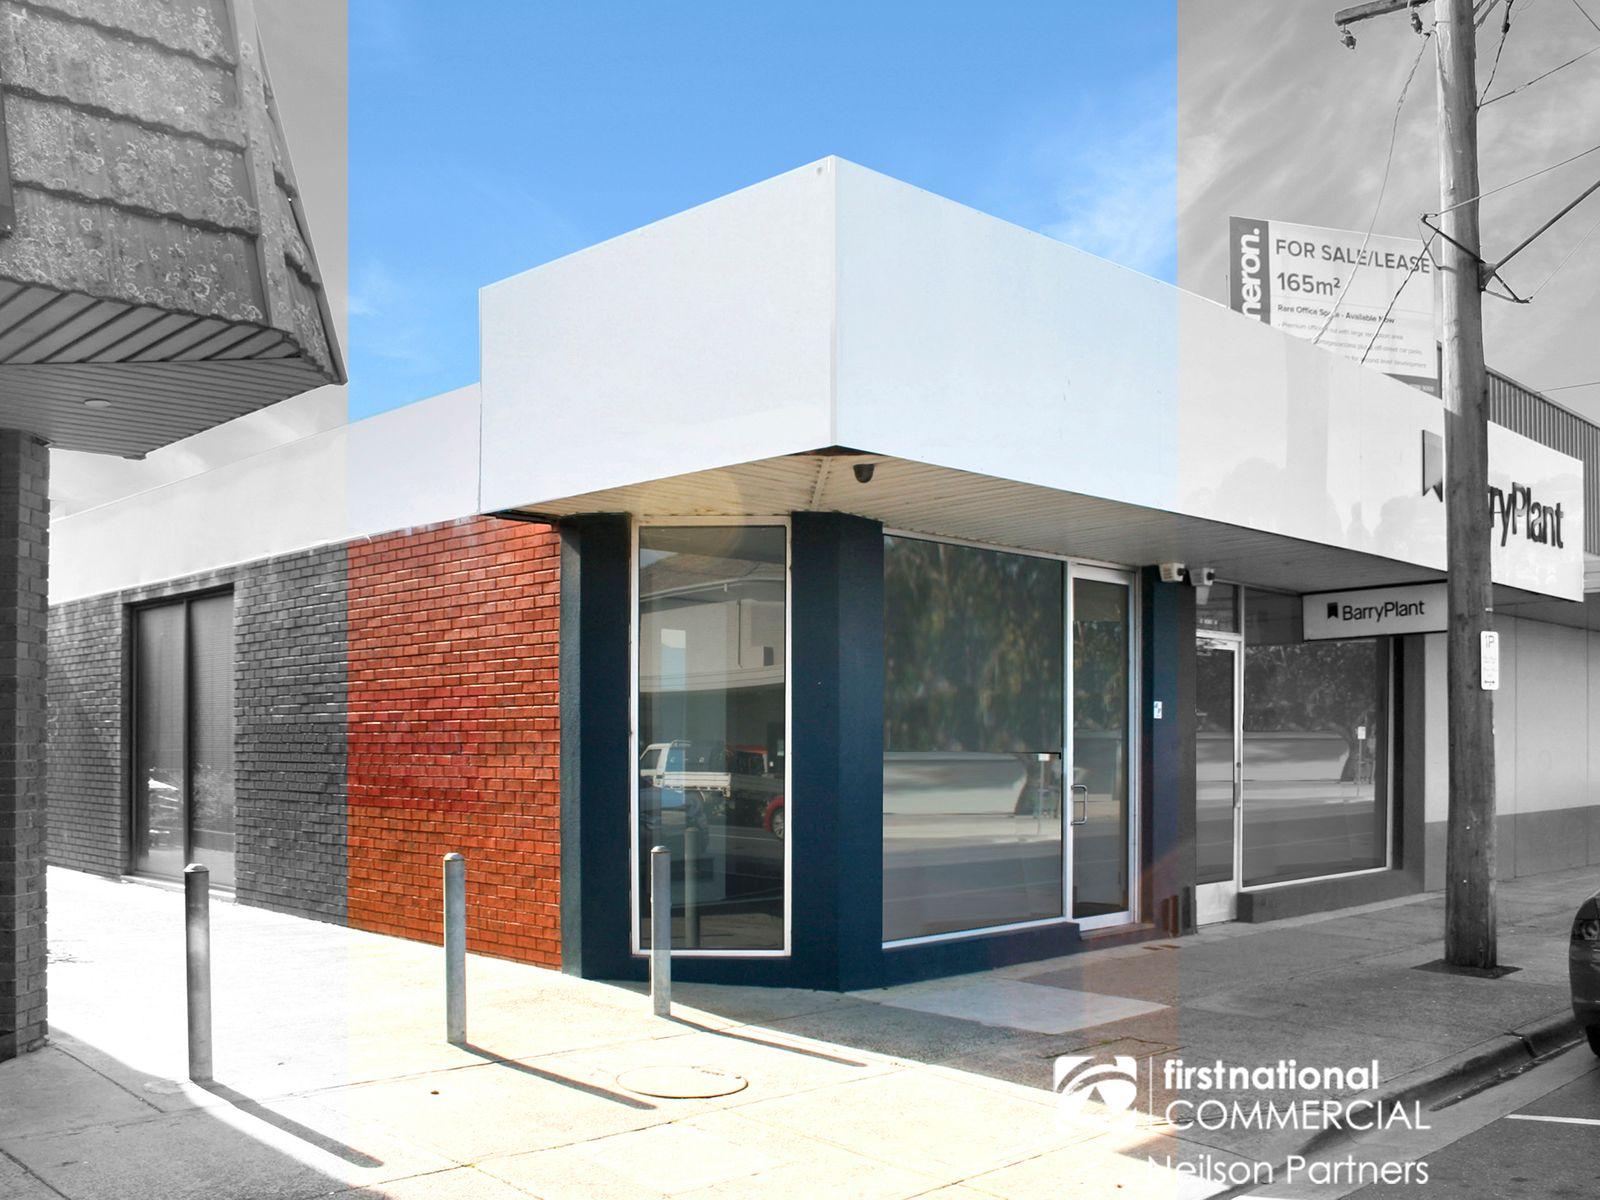 16 Station Street, Pakenham, VIC 3810